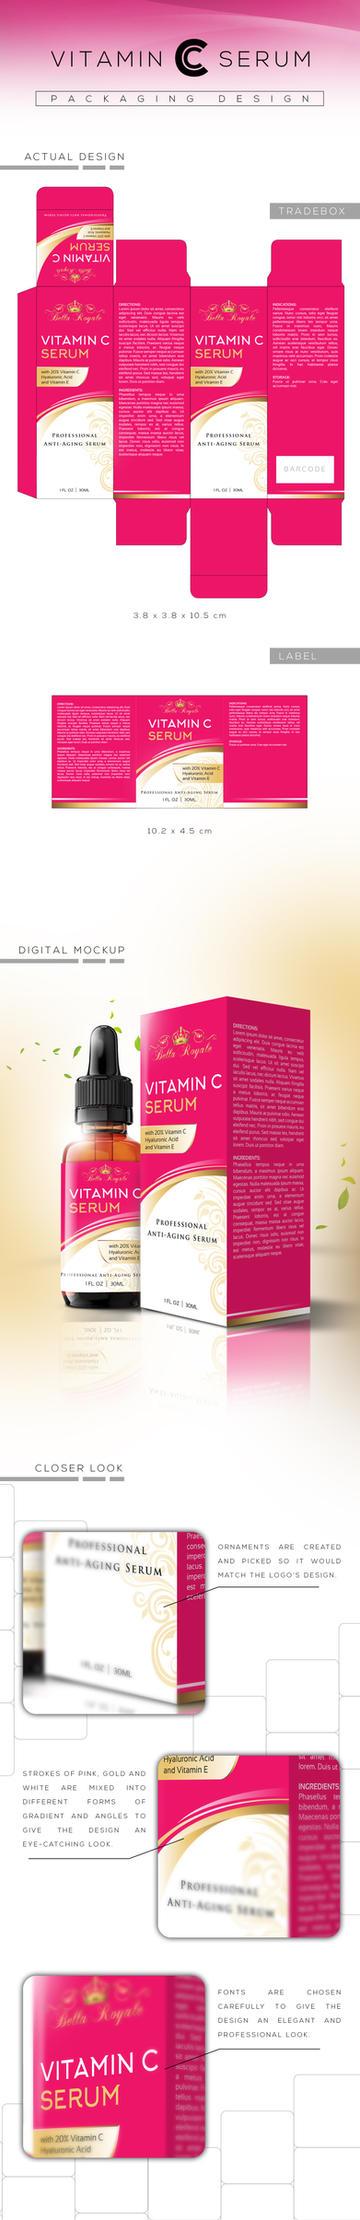 Vitamin C Serum Packaging Design by tmaclabi